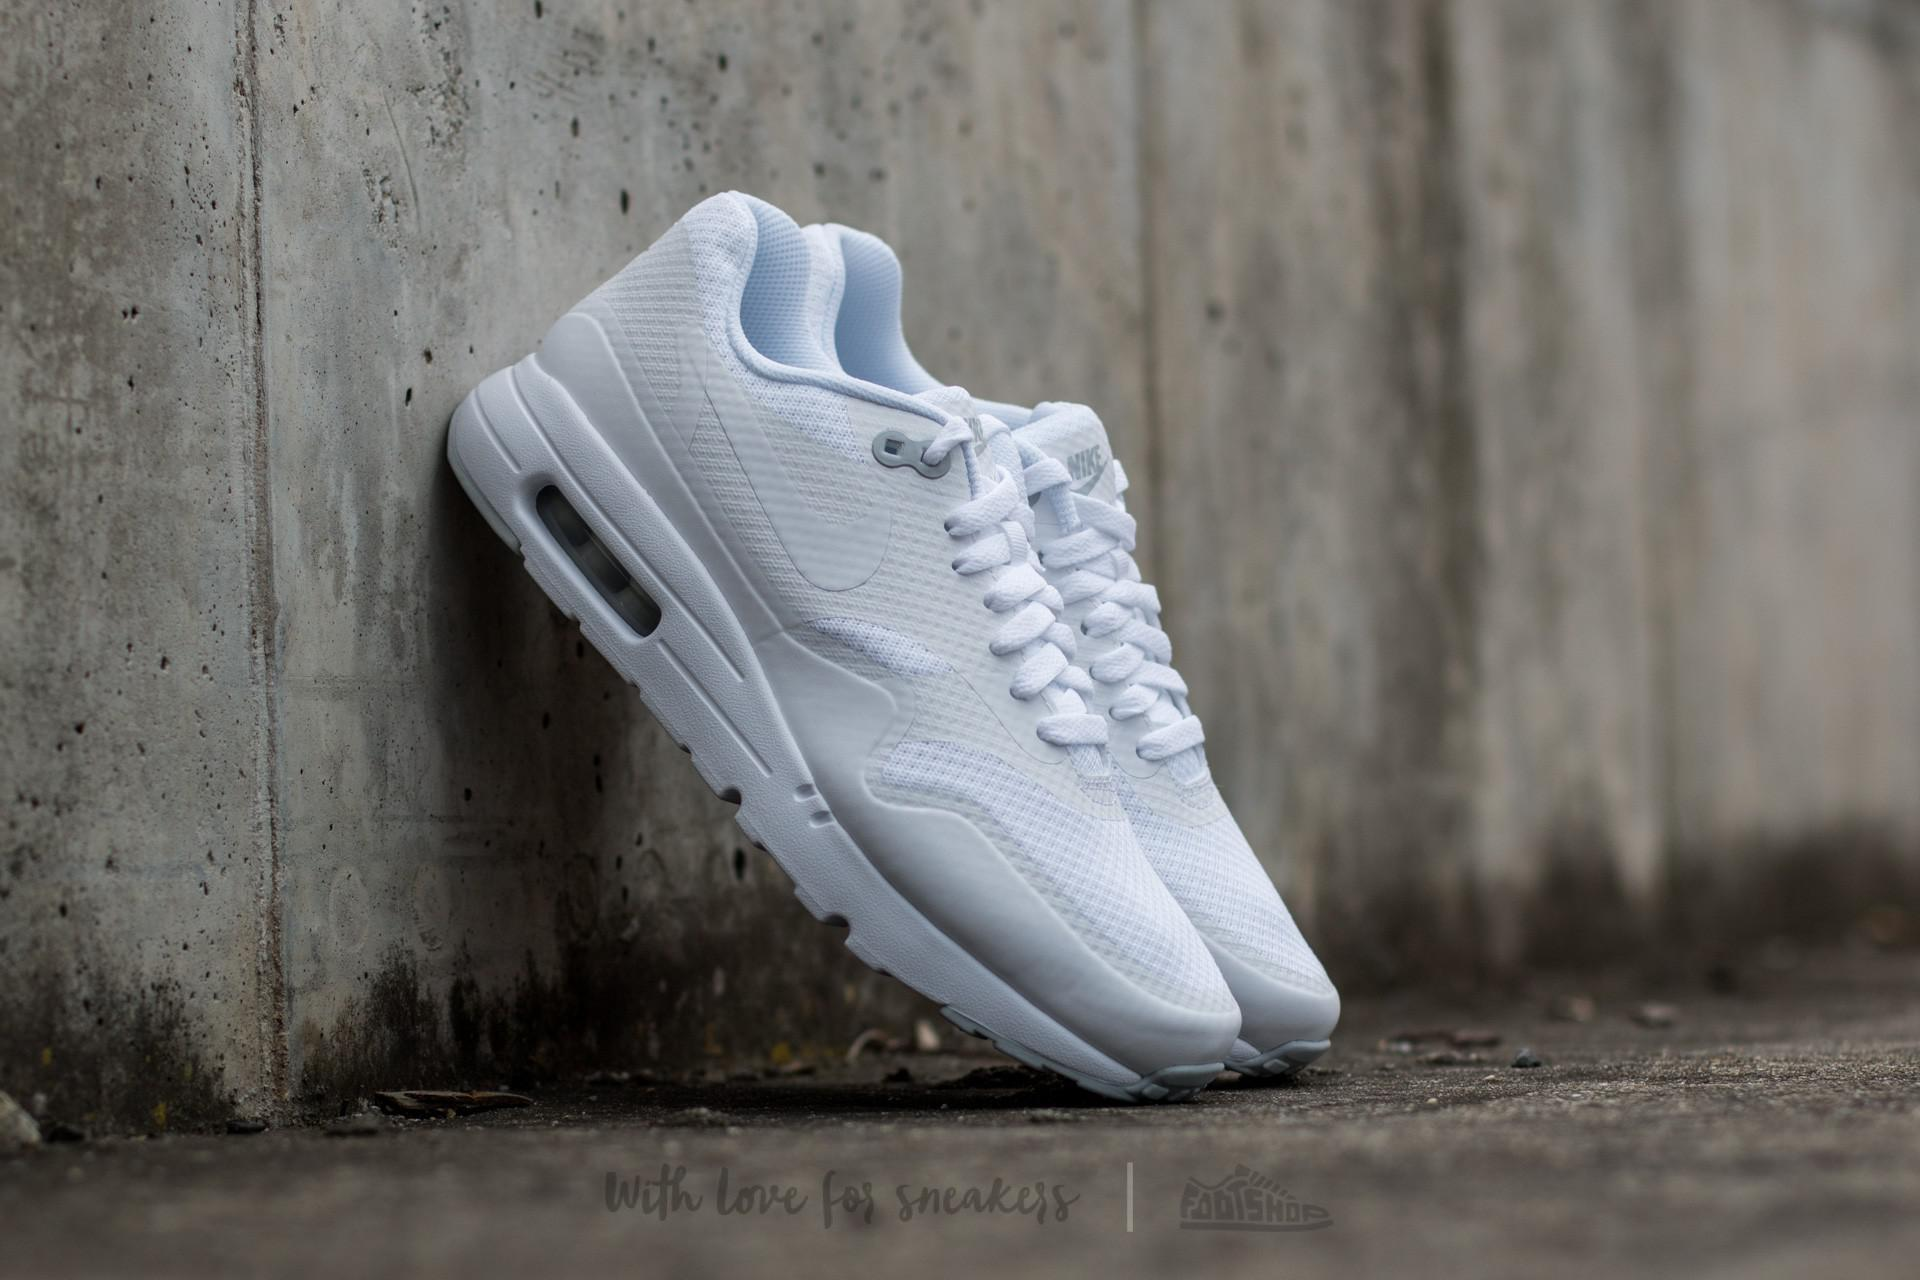 Lyst Nike Air Max 1 Ultra Essential Essential Essential bianca  bianca pure Platinum in   45e0f7